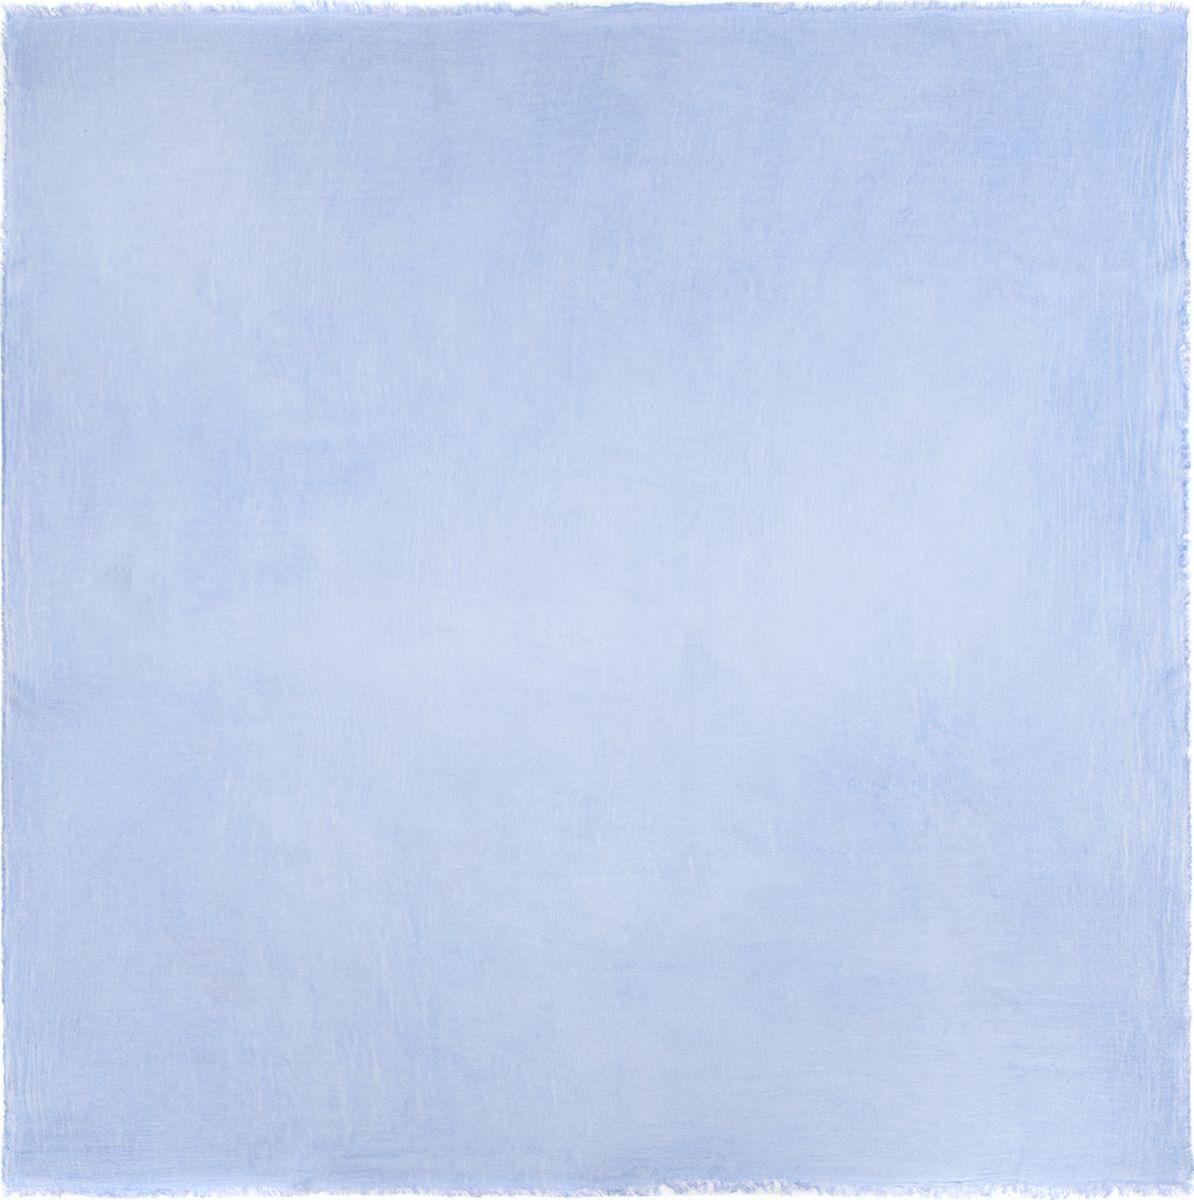 Платок женский Eleganzza, цвет: голубой. SZ12-0635. Размер 125 см х 125 смSZ12-0635Платок Eleganzza, выполненный из модала и шелка, идеально дополнит образ современной женщины. Благодаря своему составу, он мягкий и очень приятный на ощупь. Модель декорирована по краям бахромой. Классическая квадратная форма позволяет носить платок на шее, украшать им прическу или декорировать сумочку.